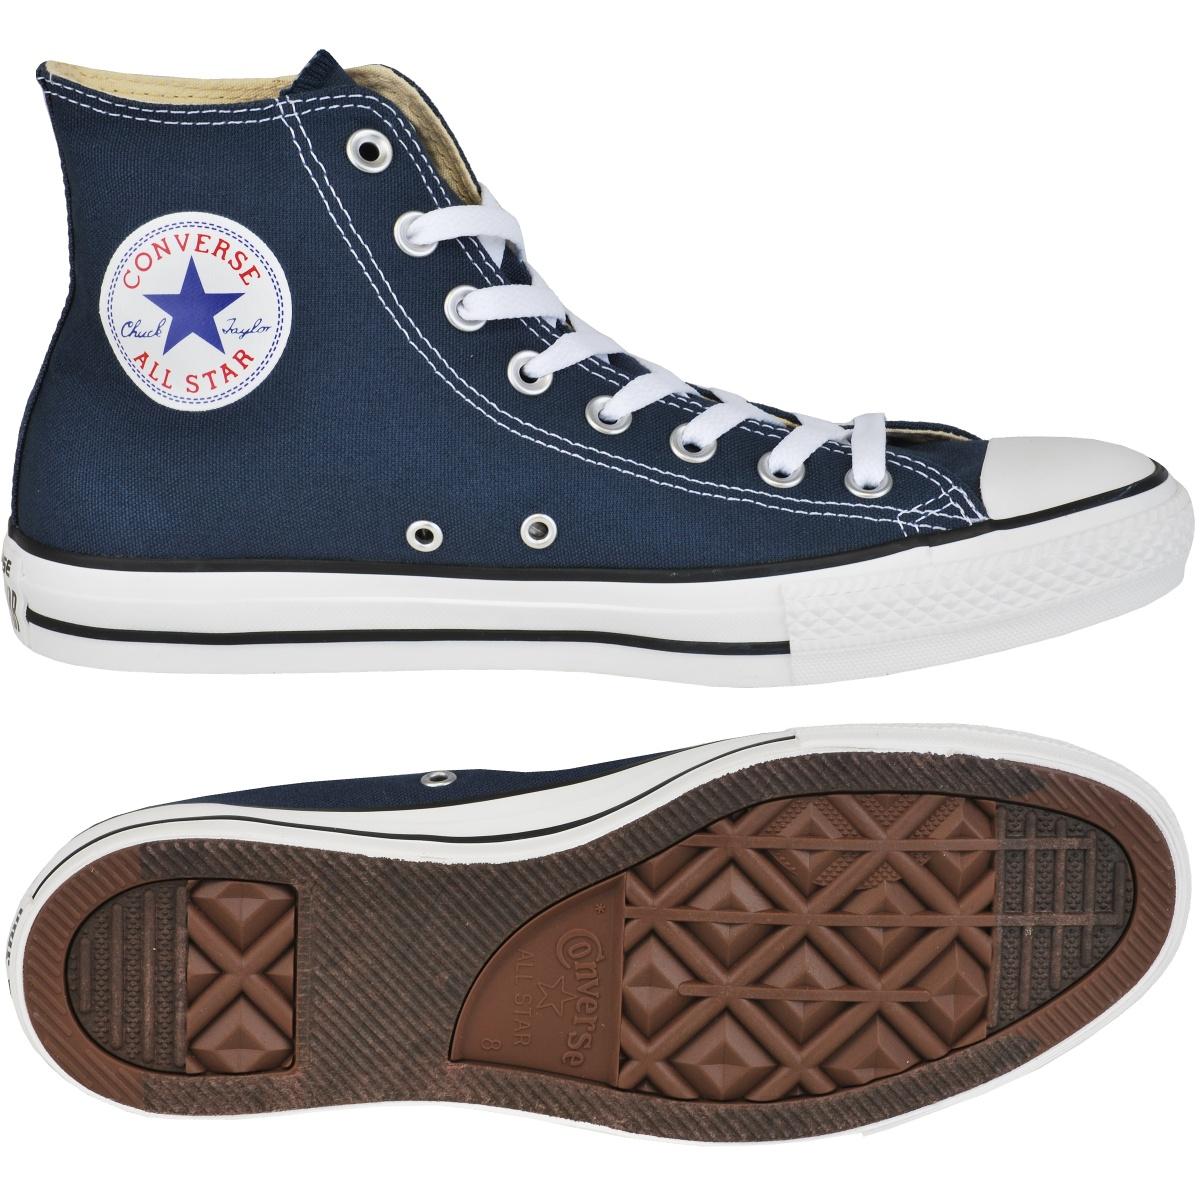 791559db9 ... Chuck Taylor All Star modrá 36. -6%. Converse ...